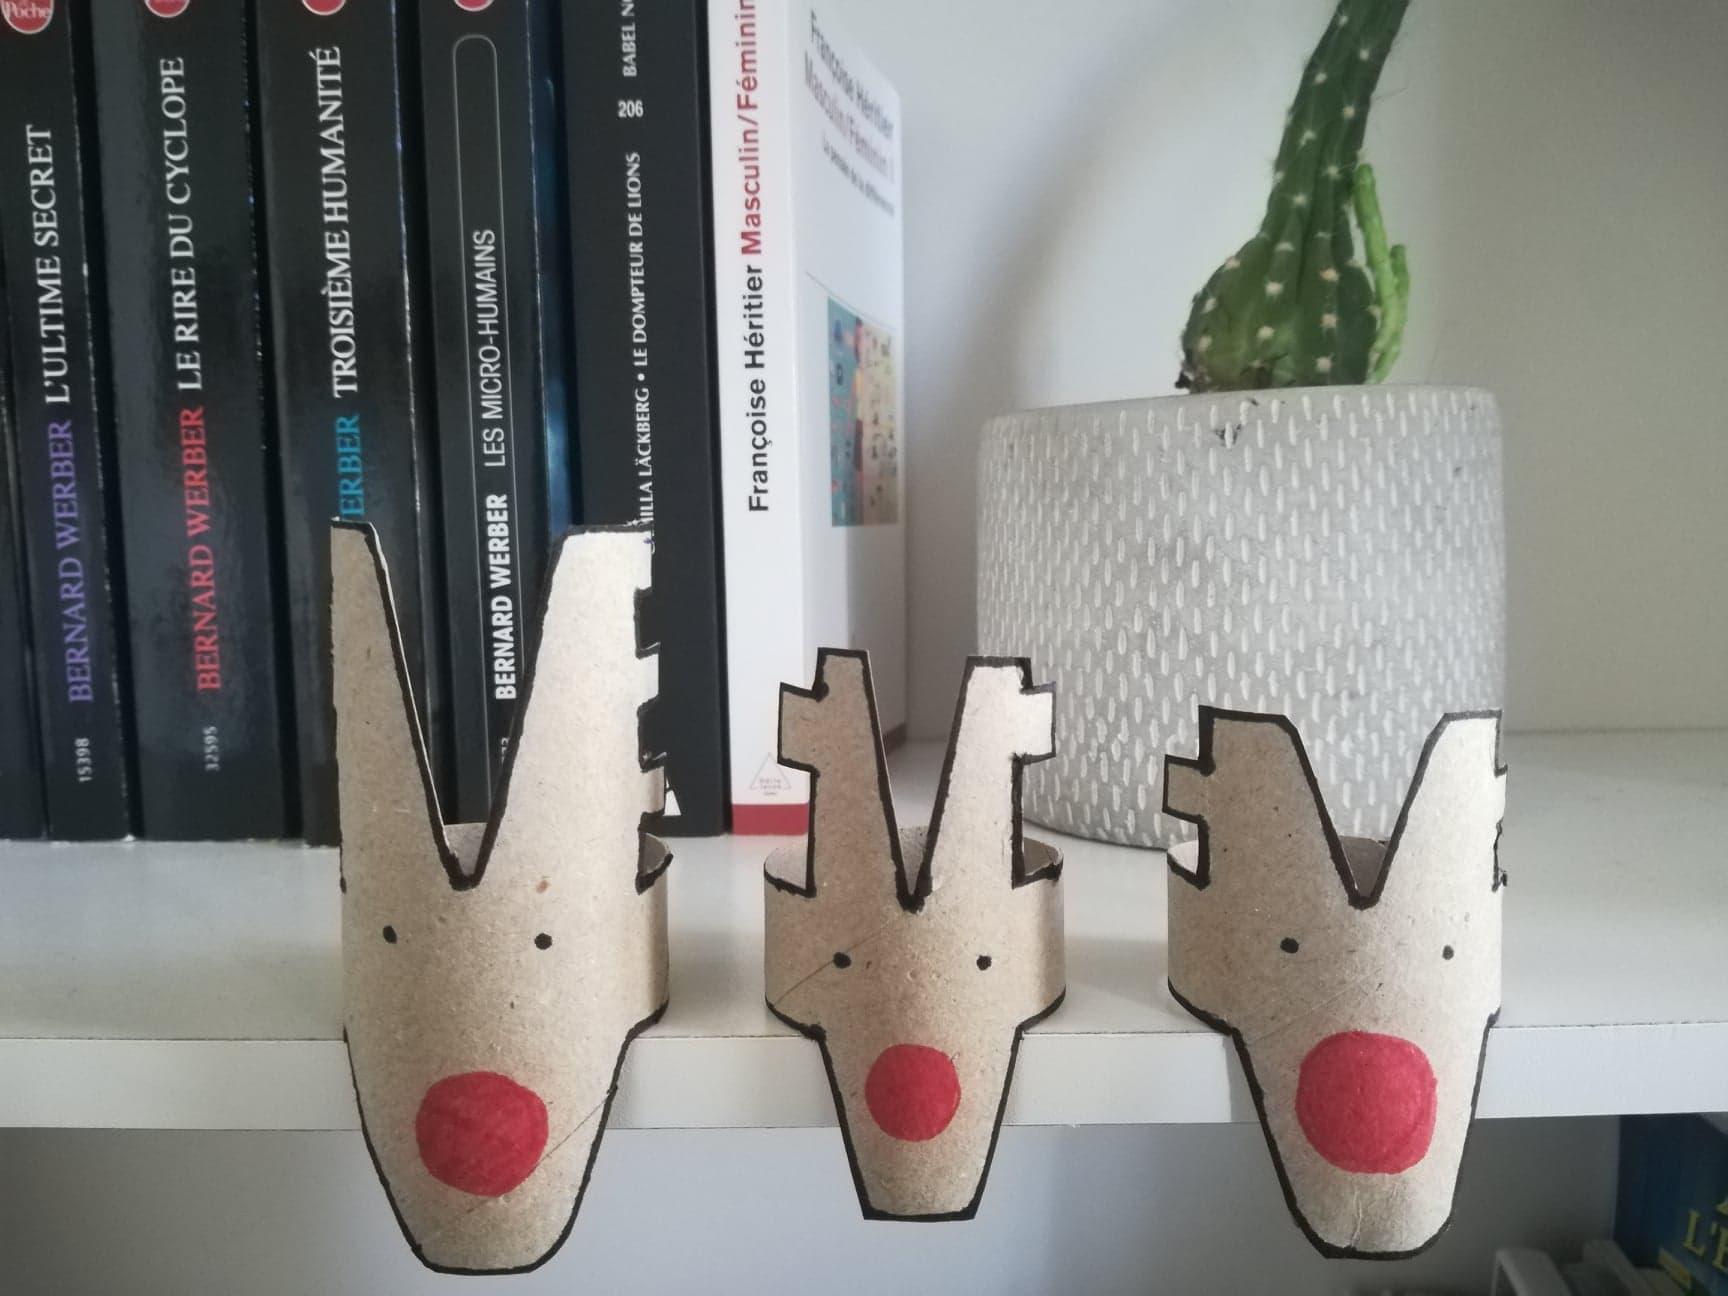 Trois petit rennes fabriqués avec des rouleaux de Sopalin® sont déposés sur le bord d'une étagère. Ils ont de petits points noirs à la place des yeux et un gros nez rouge. Derrière eux on peut voir des livres exposés et un cactus.